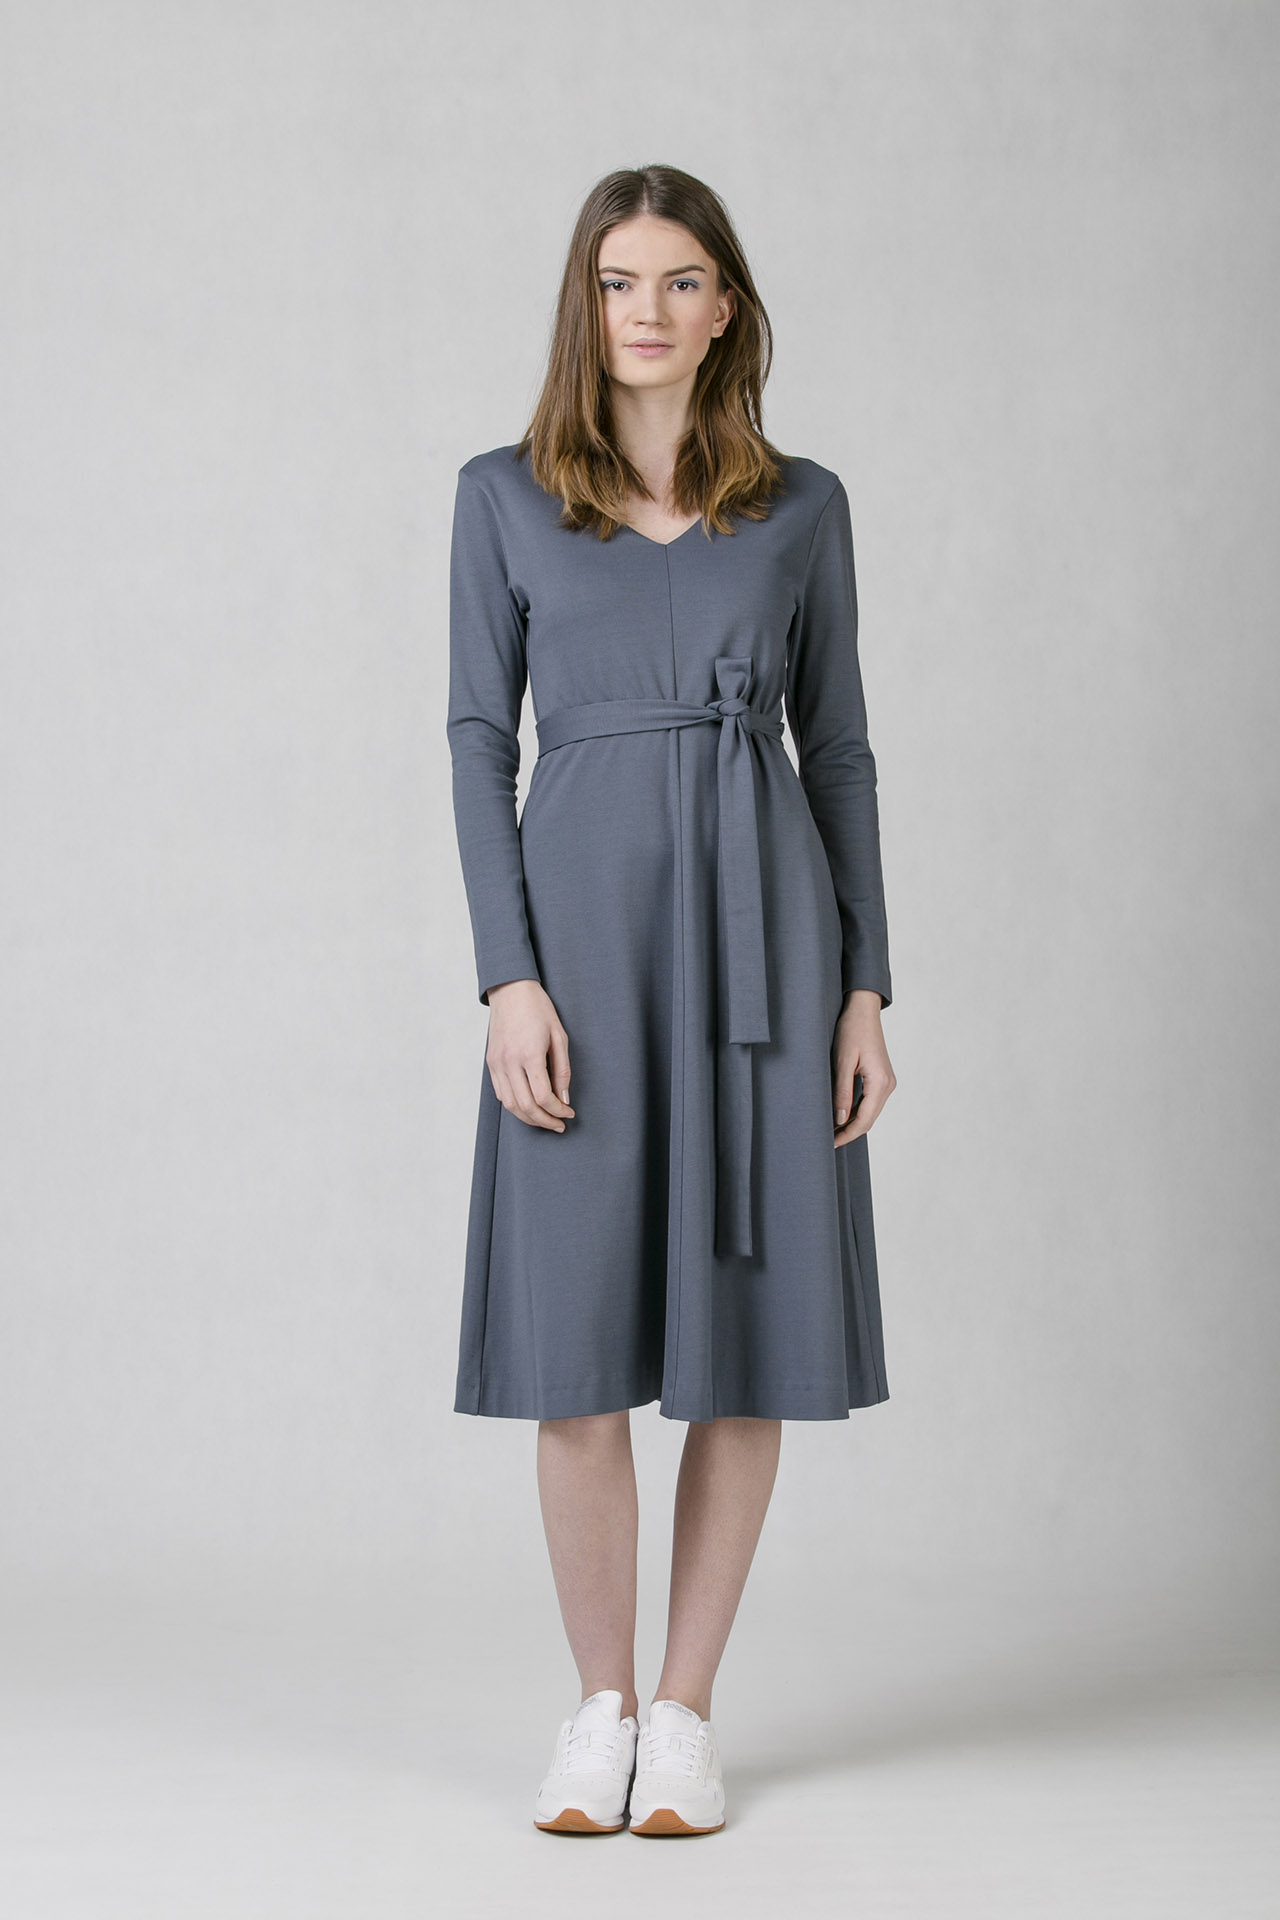 1b09c00938fb Společenské šaty Oneday s áčkovou sukní v midi délce